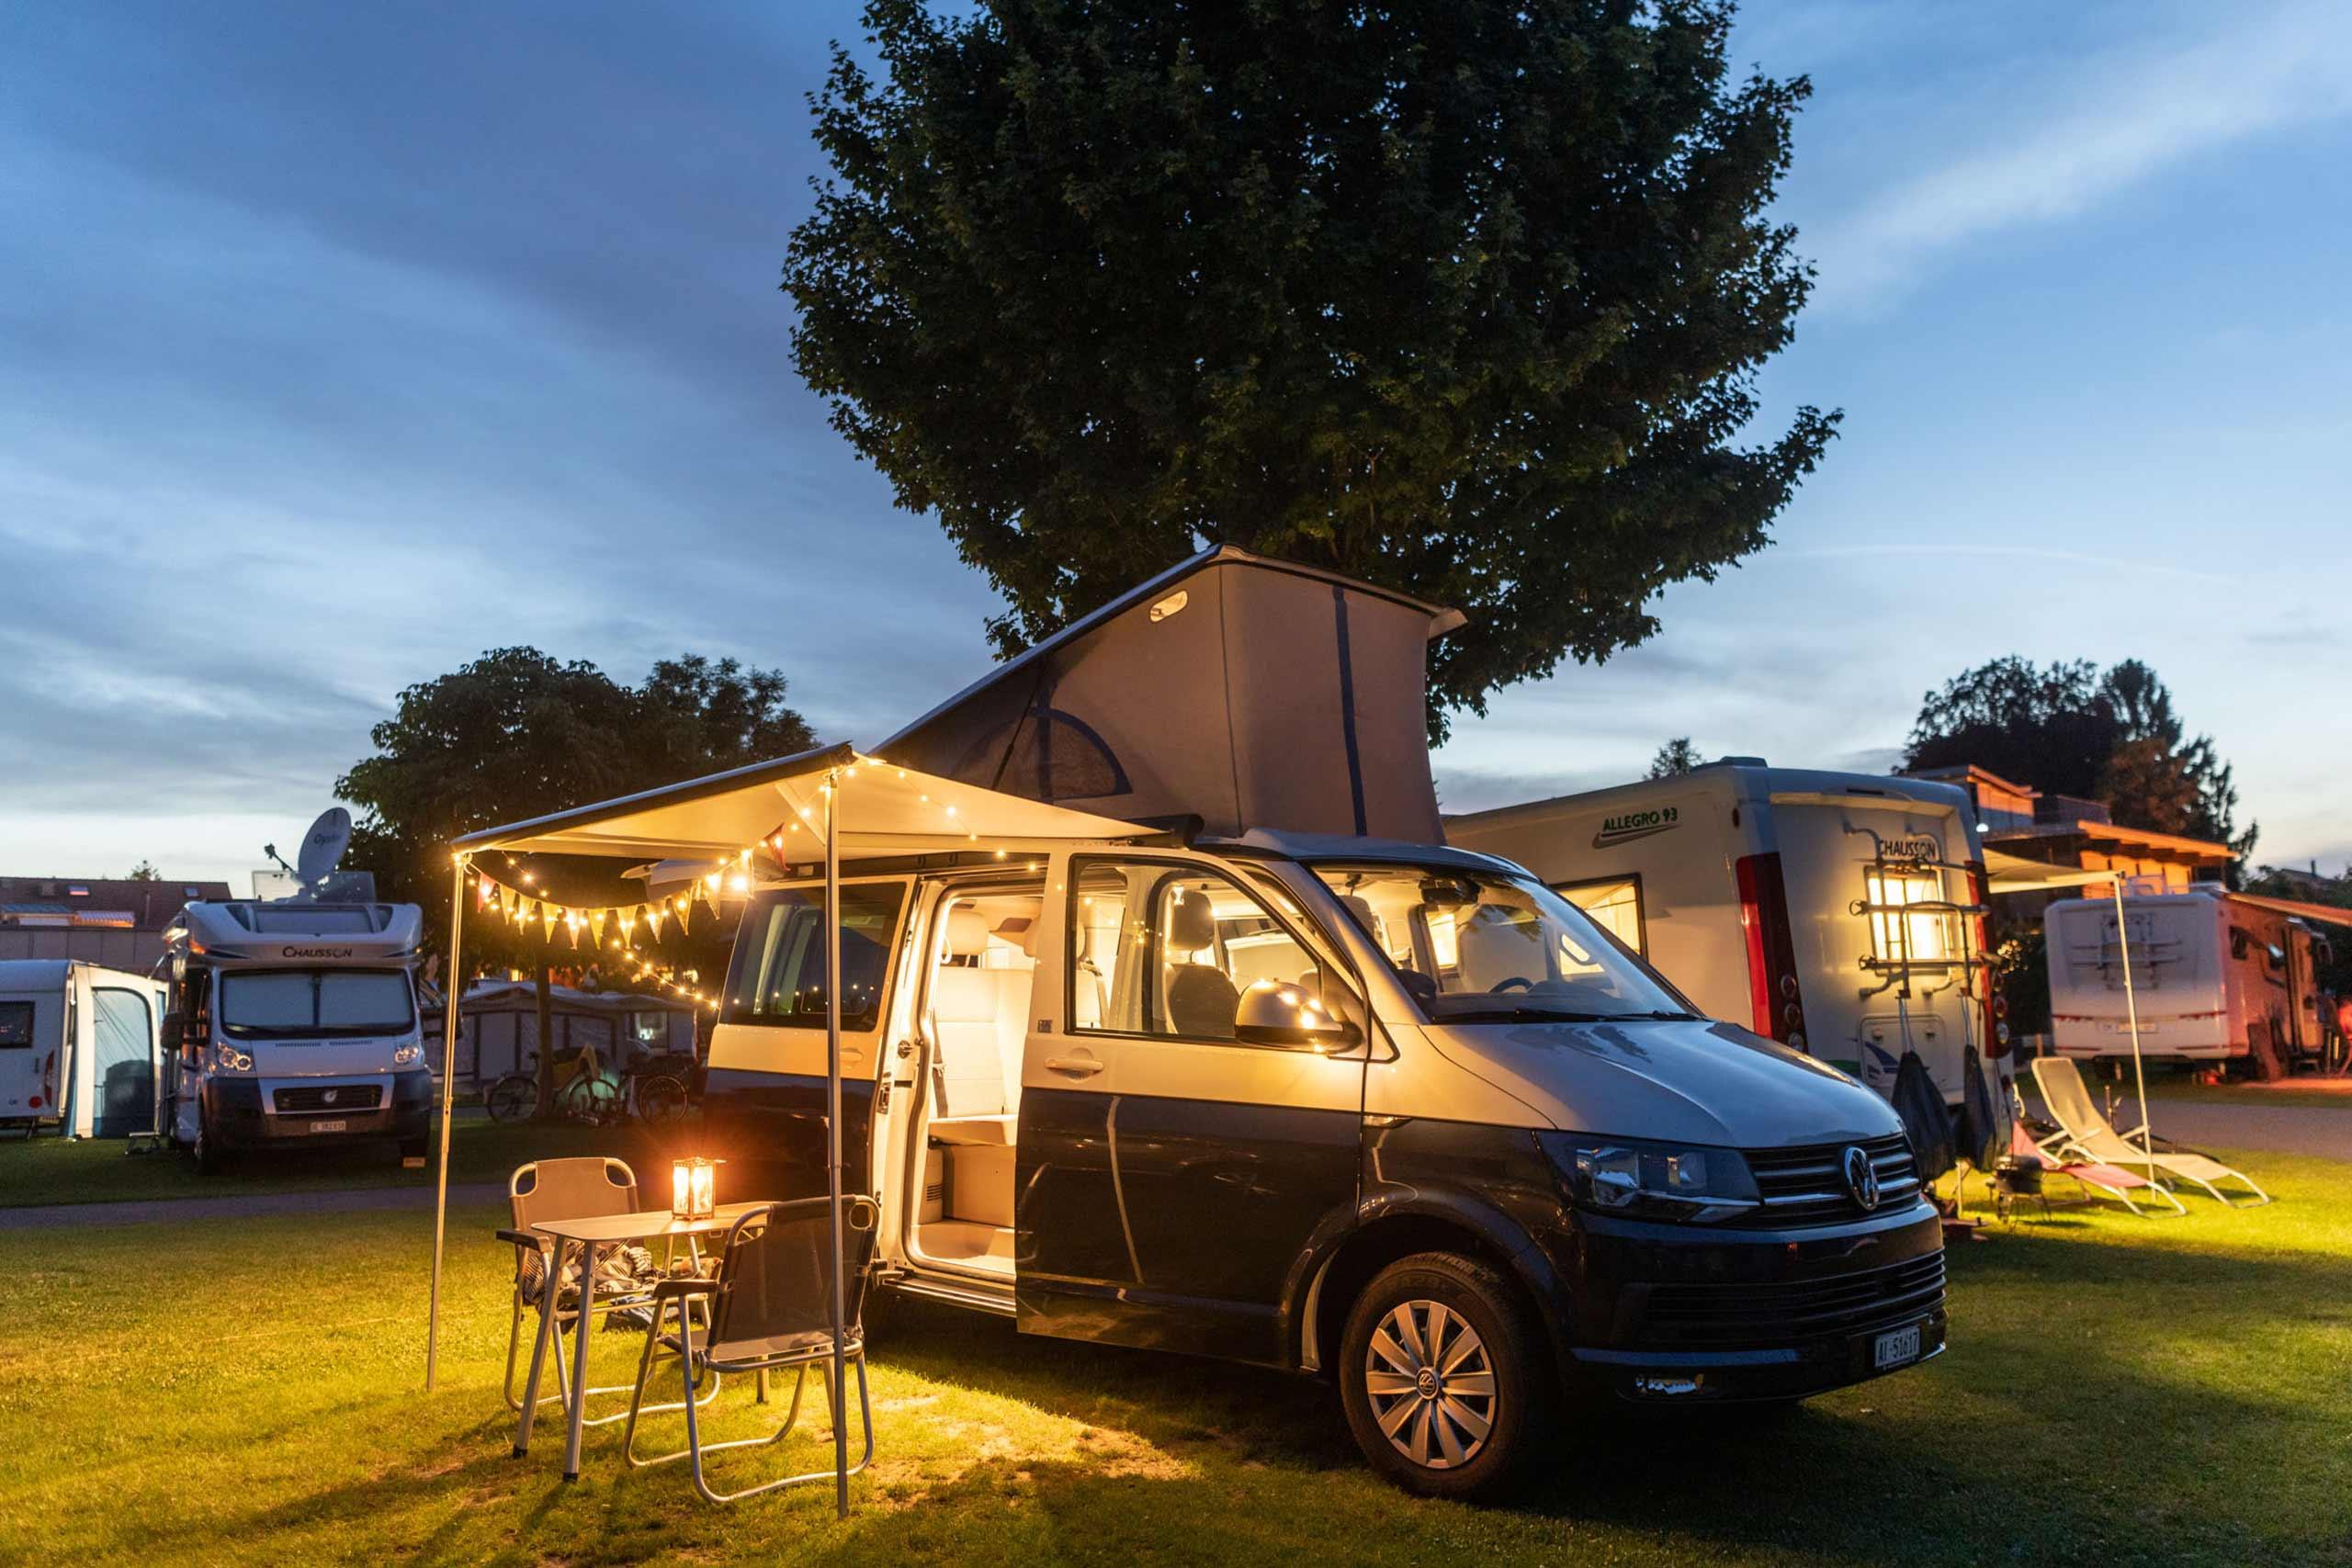 europcar-camper-auf-campingplatz.jpg